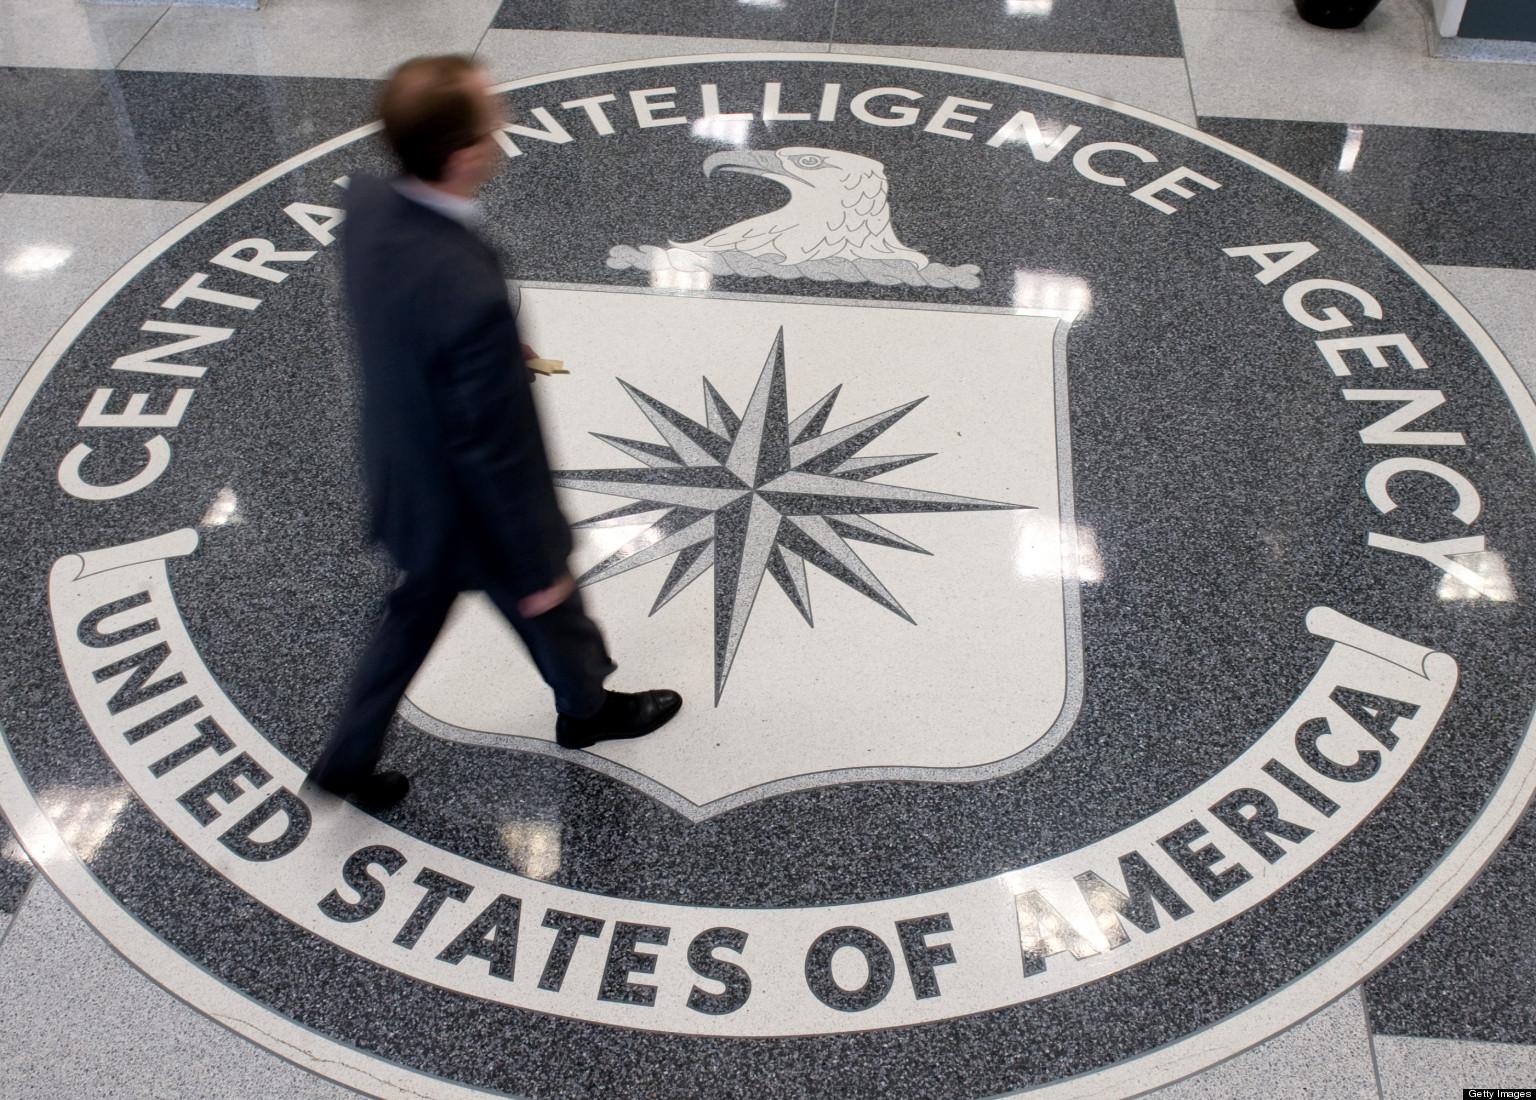 Бывшего сотрудника ЦРУ признали виновным в разглашении секретов